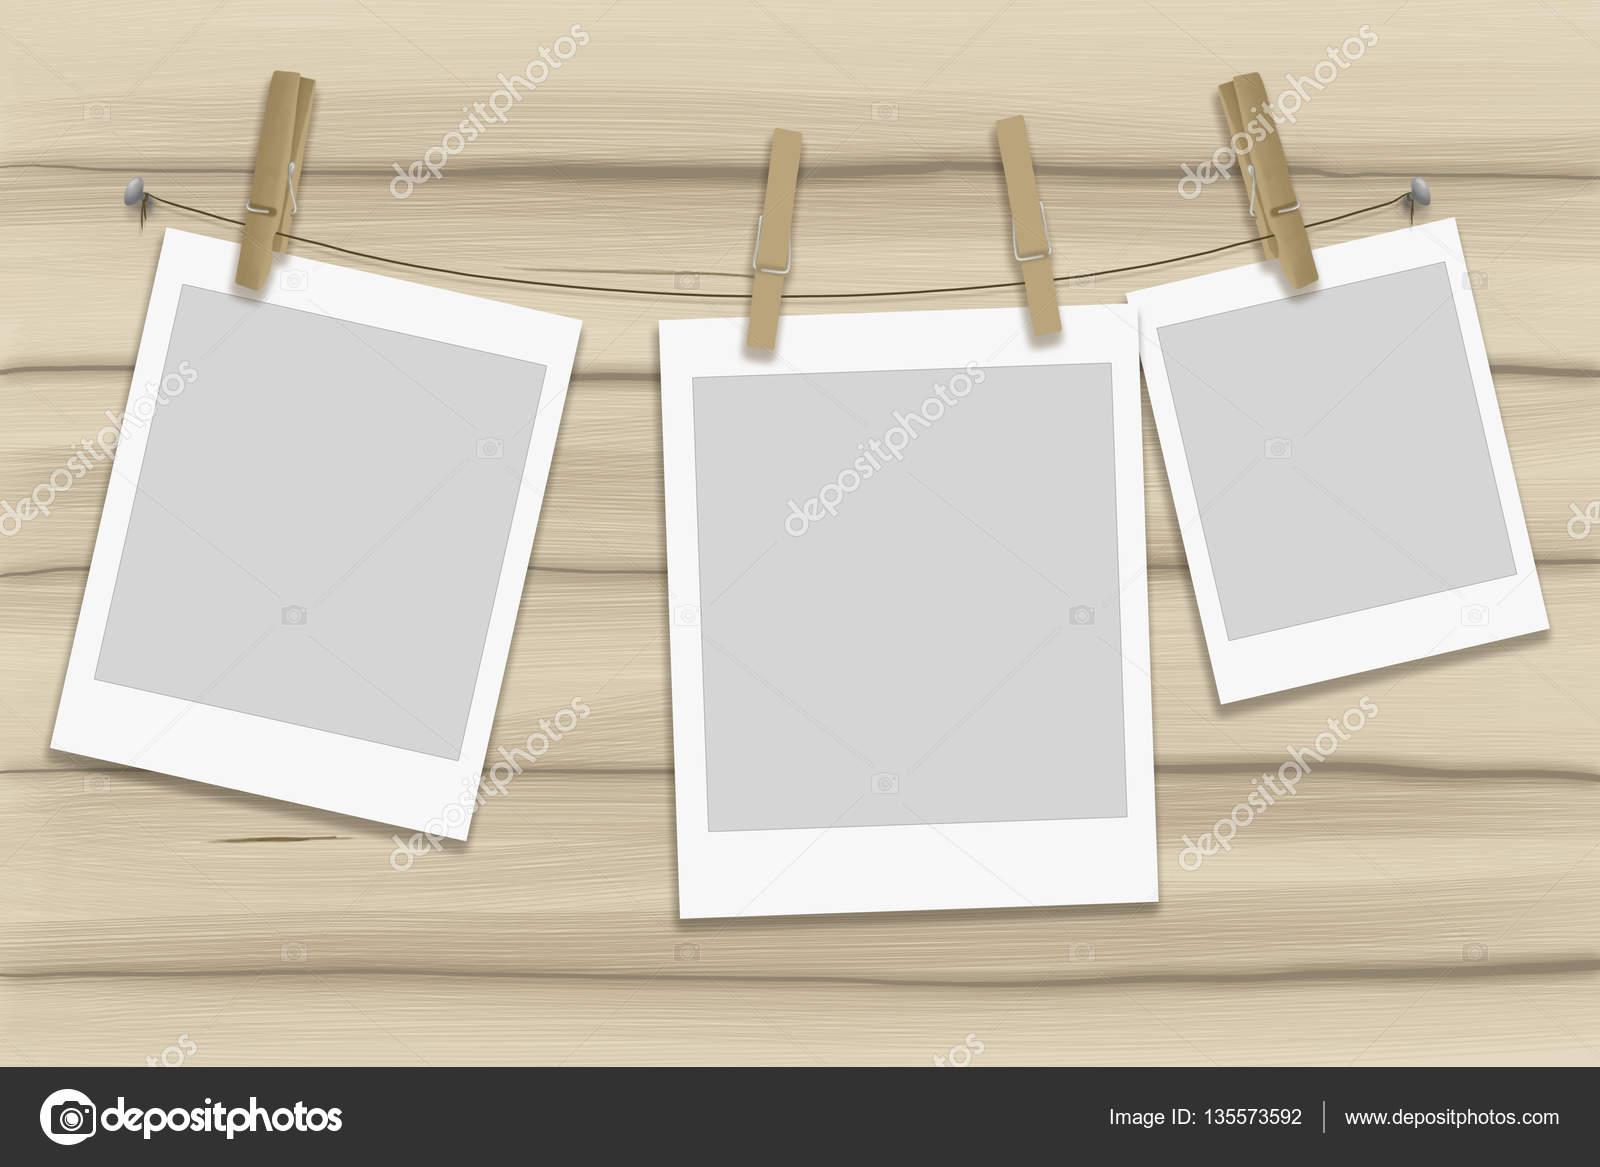 Abbildung Fotorahmen an einem Seil mit hölzernen Wäscheklammern ...